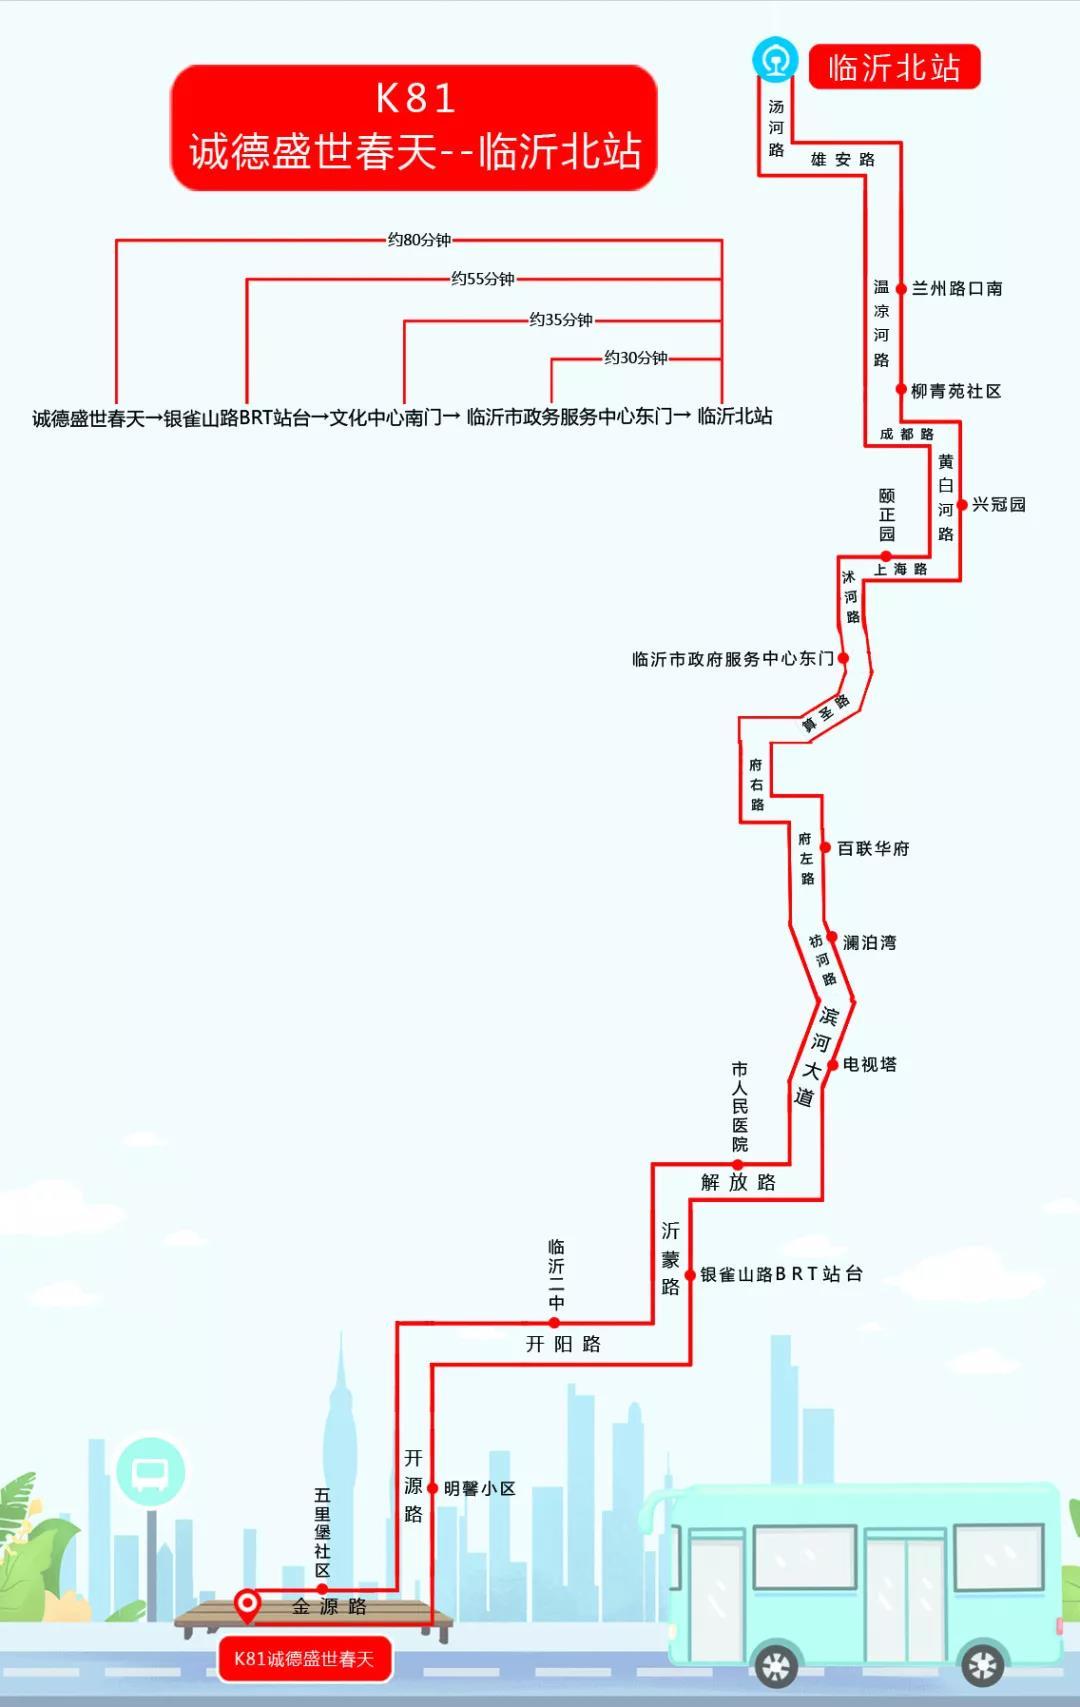 临沂公交高铁线路26日将正式开通运营 线路图已画好 请保存